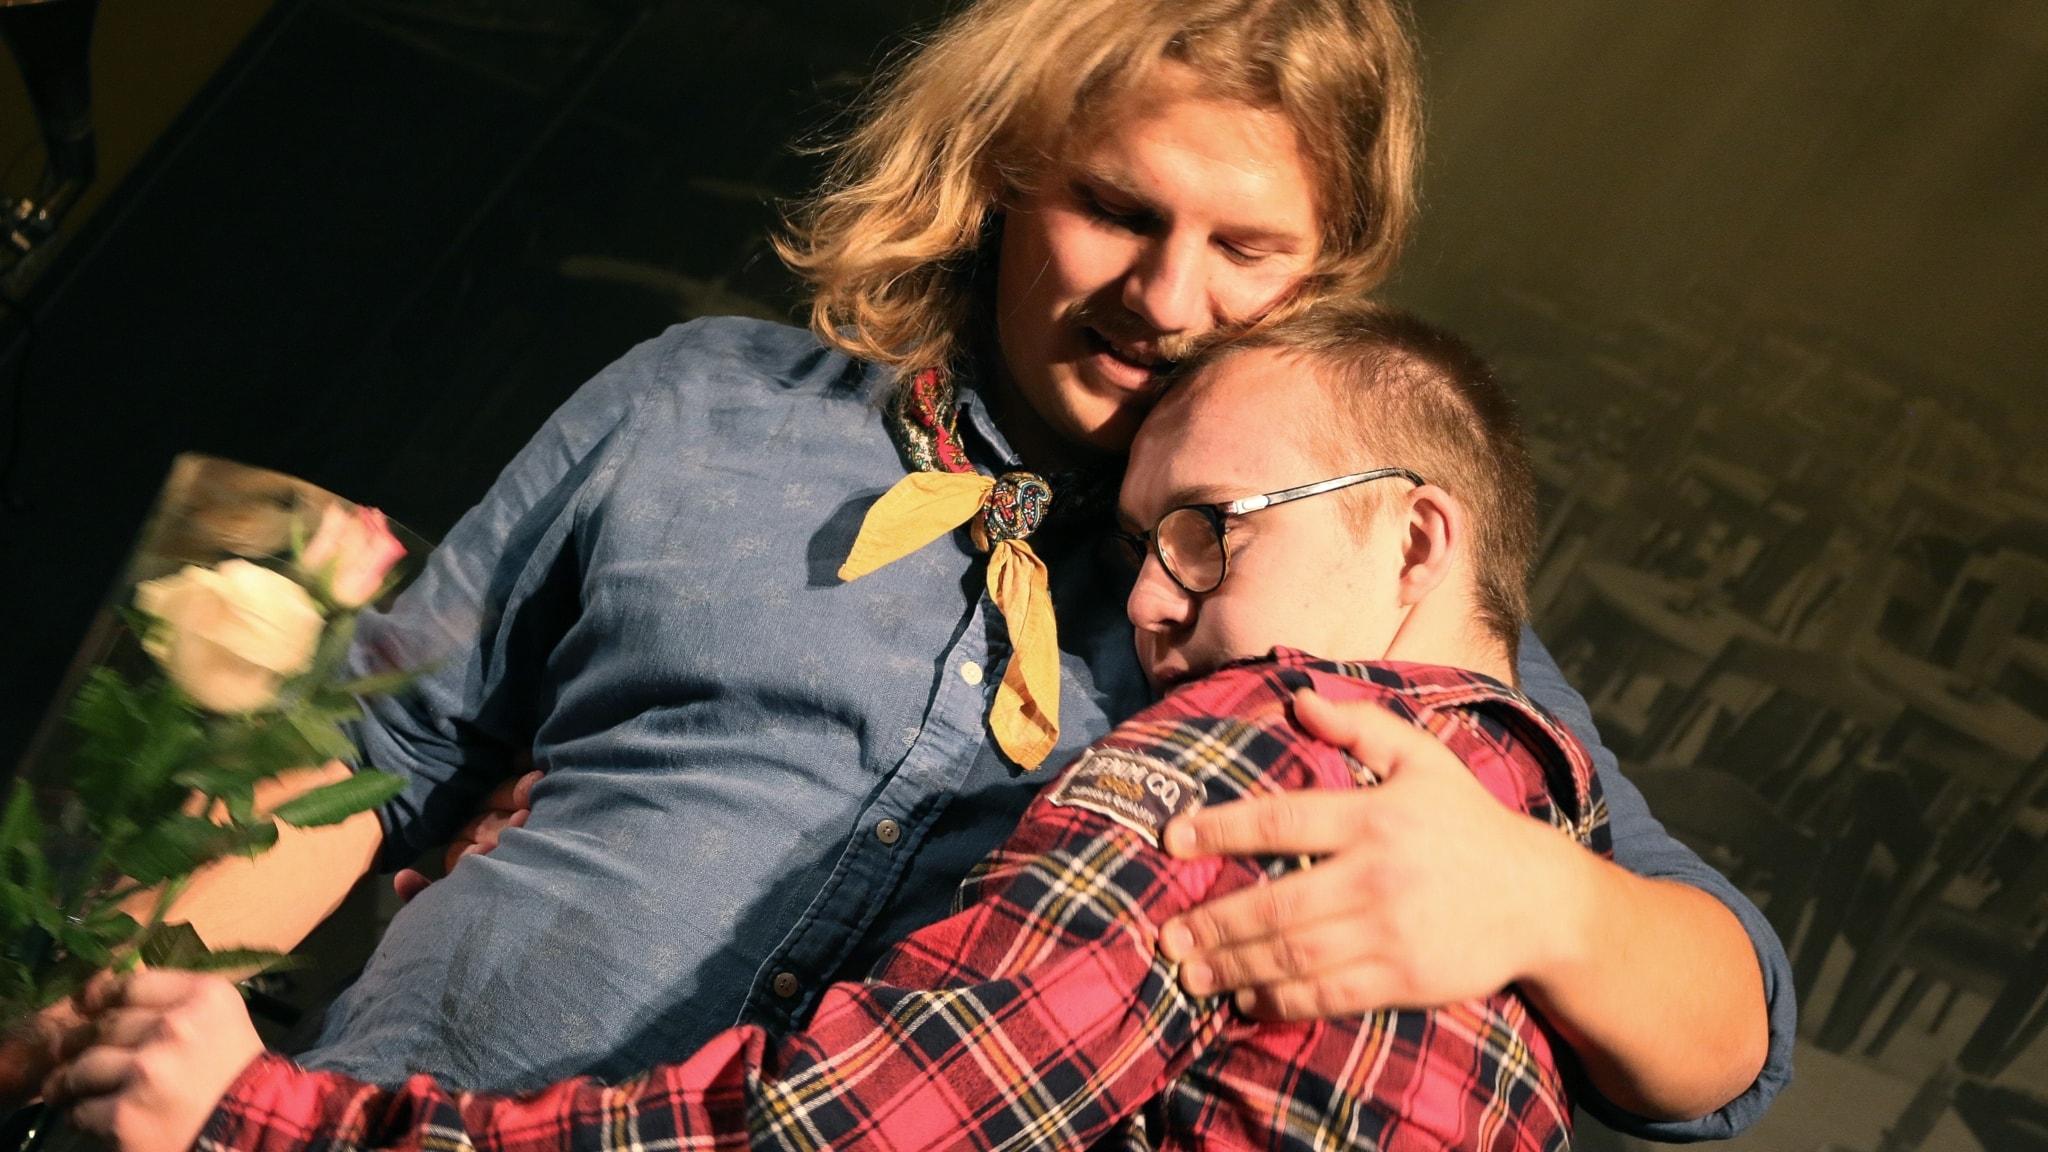 Svenska berättelser på scen - Min bror och jag av Anton Lind